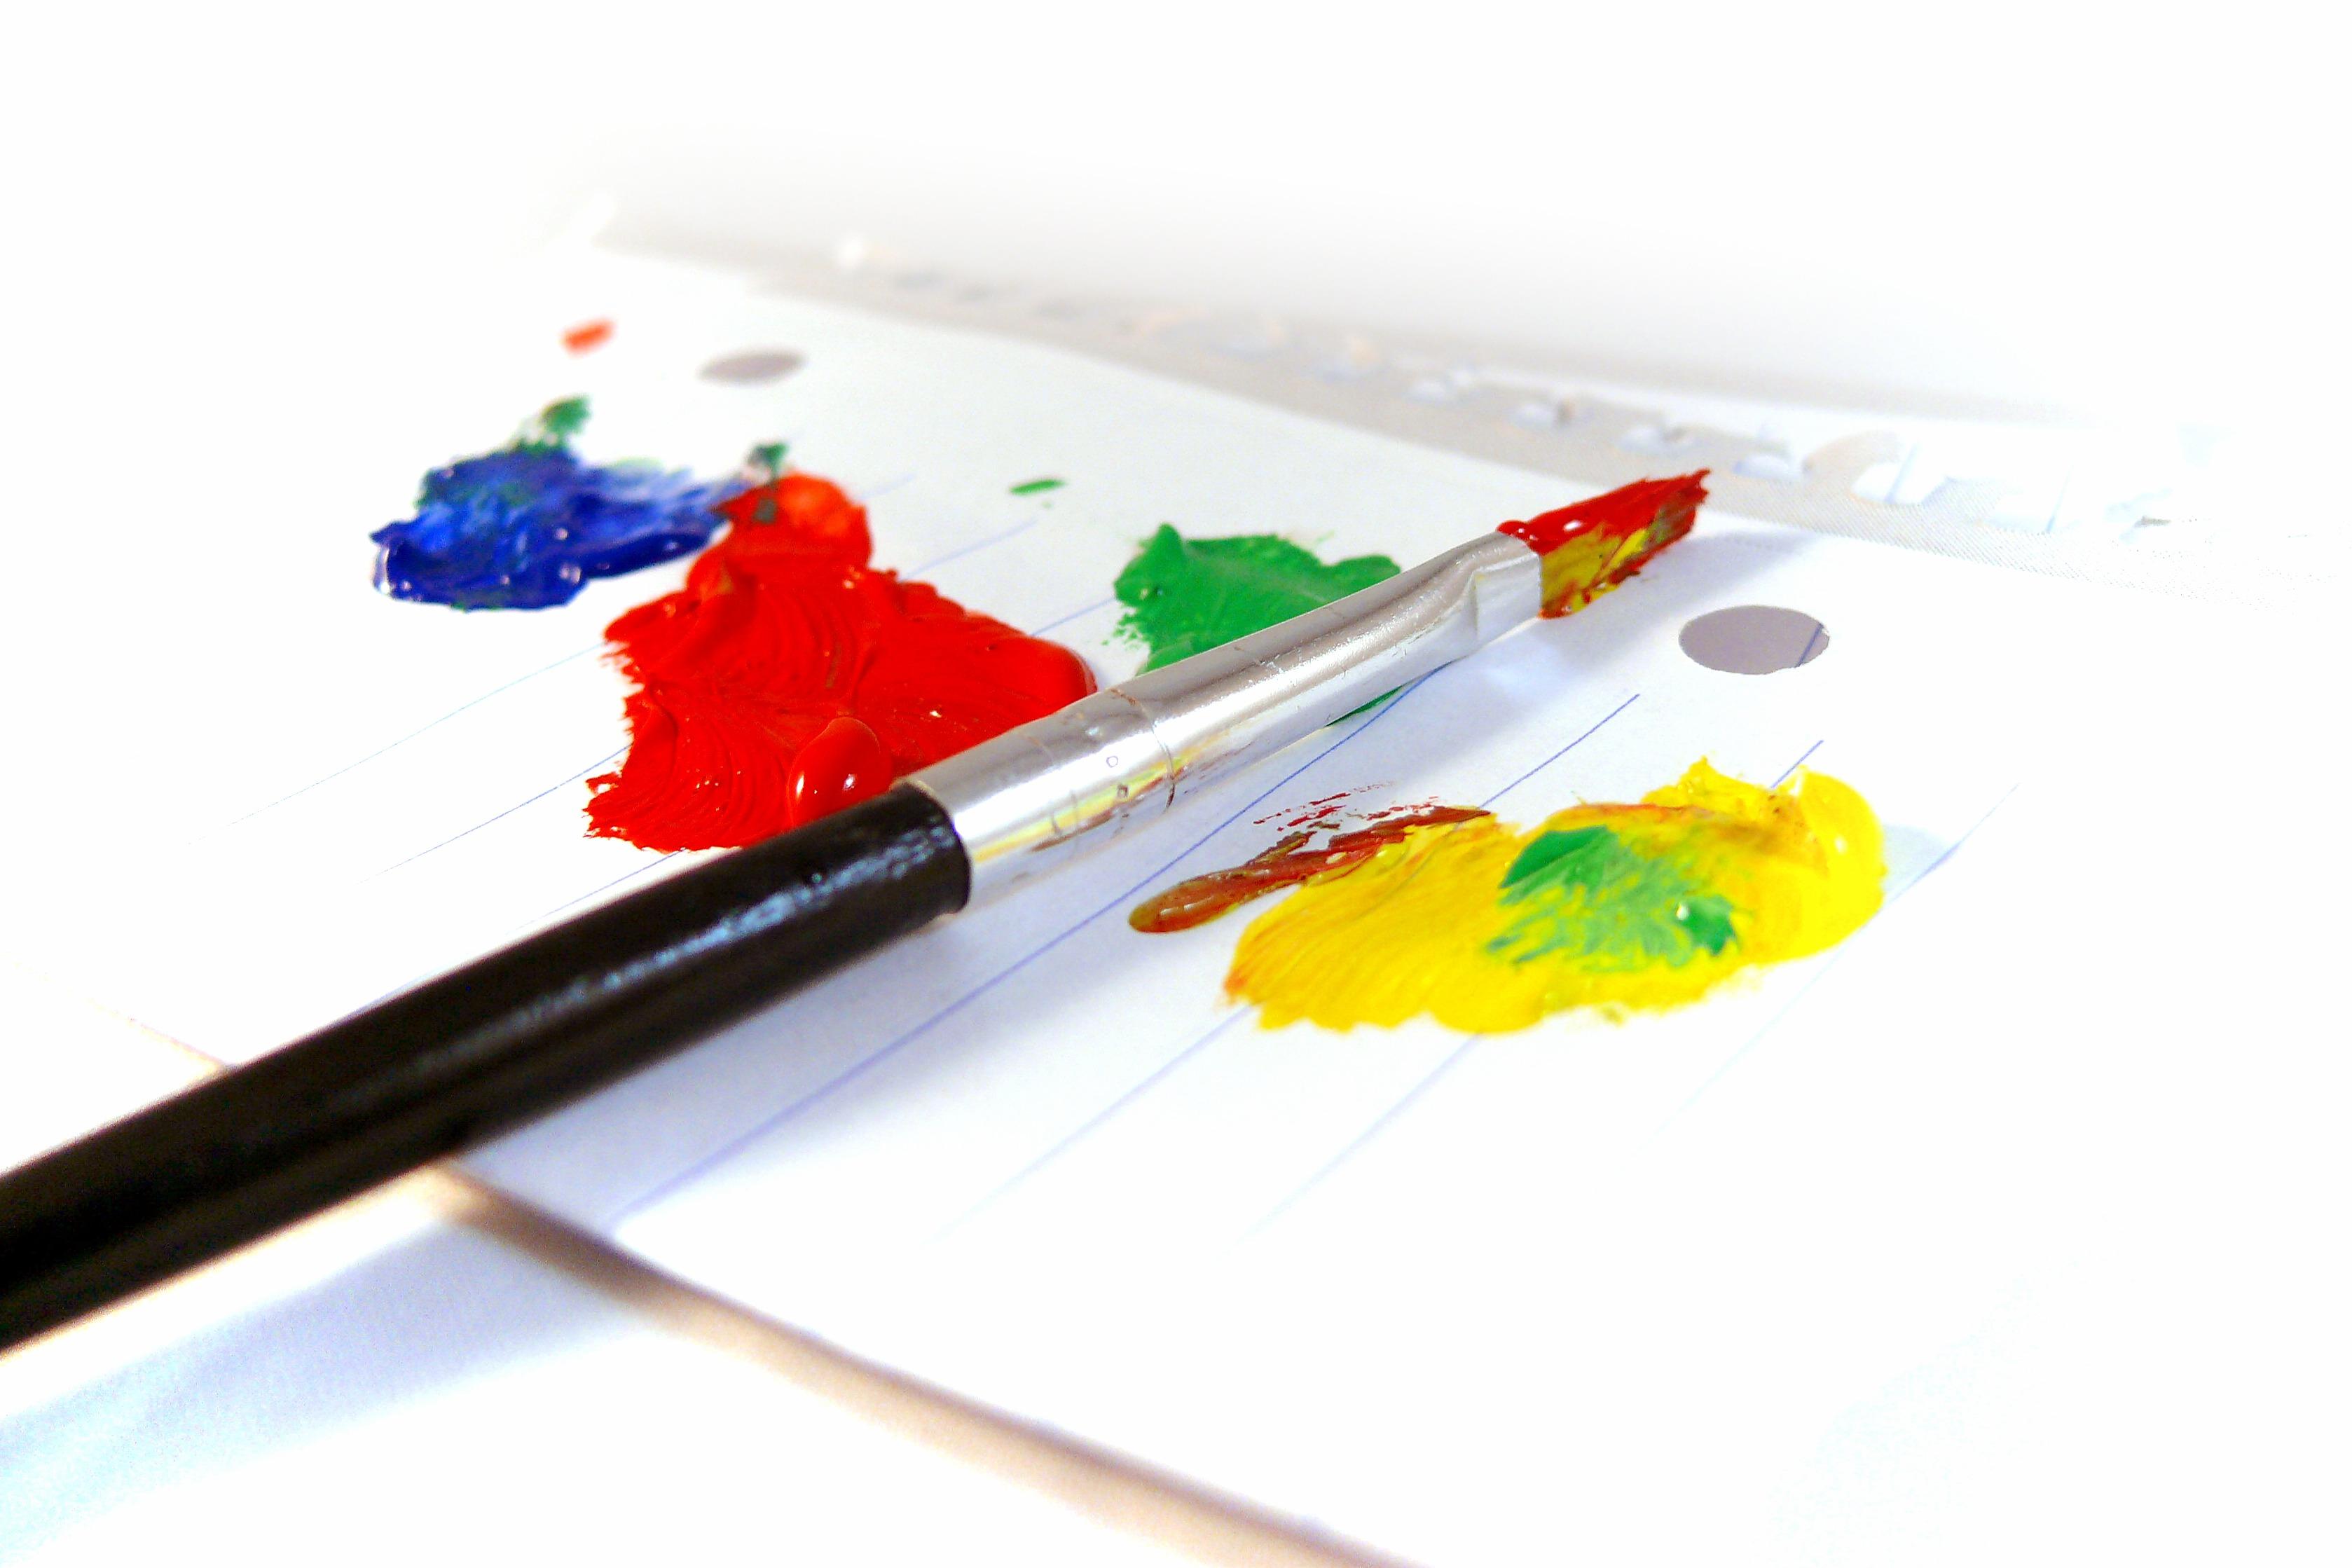 Images gratuites crayon cr atif brosse d coration couleur artistique artiste peindre - Papier renovation a peindre ...